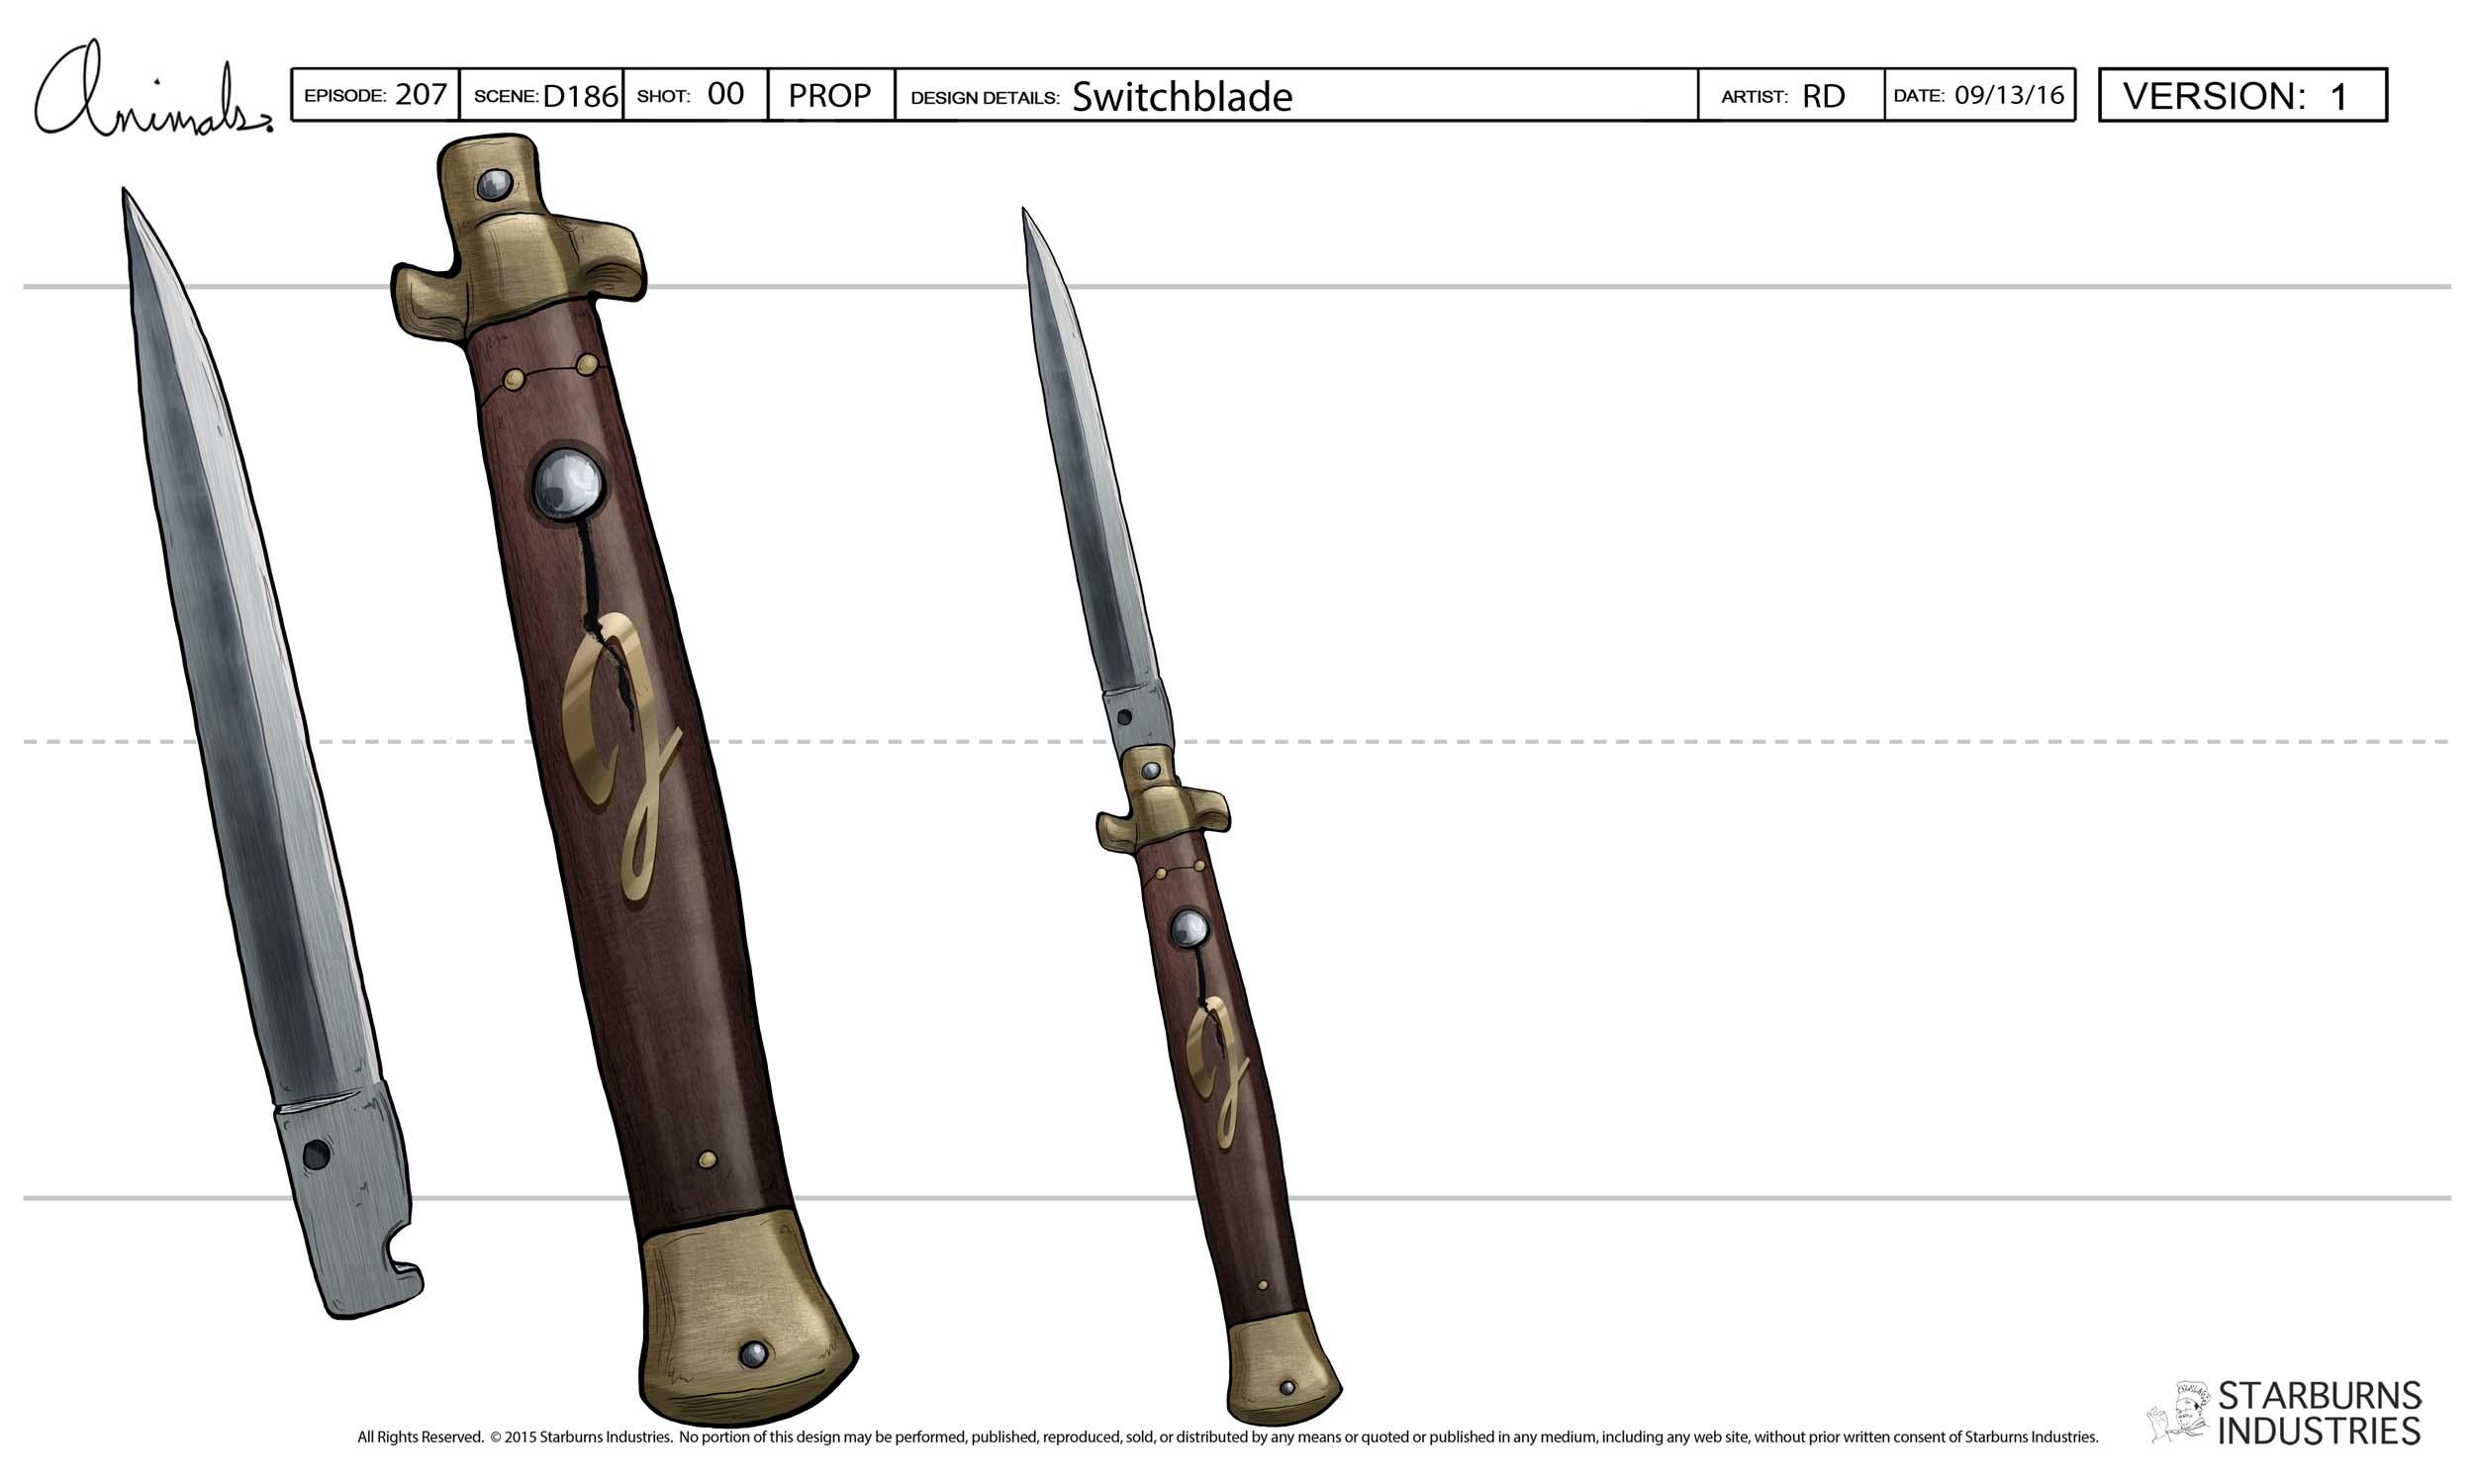 AML_207_PR_ScD186_Switchblade_Color_V1_WY.jpg